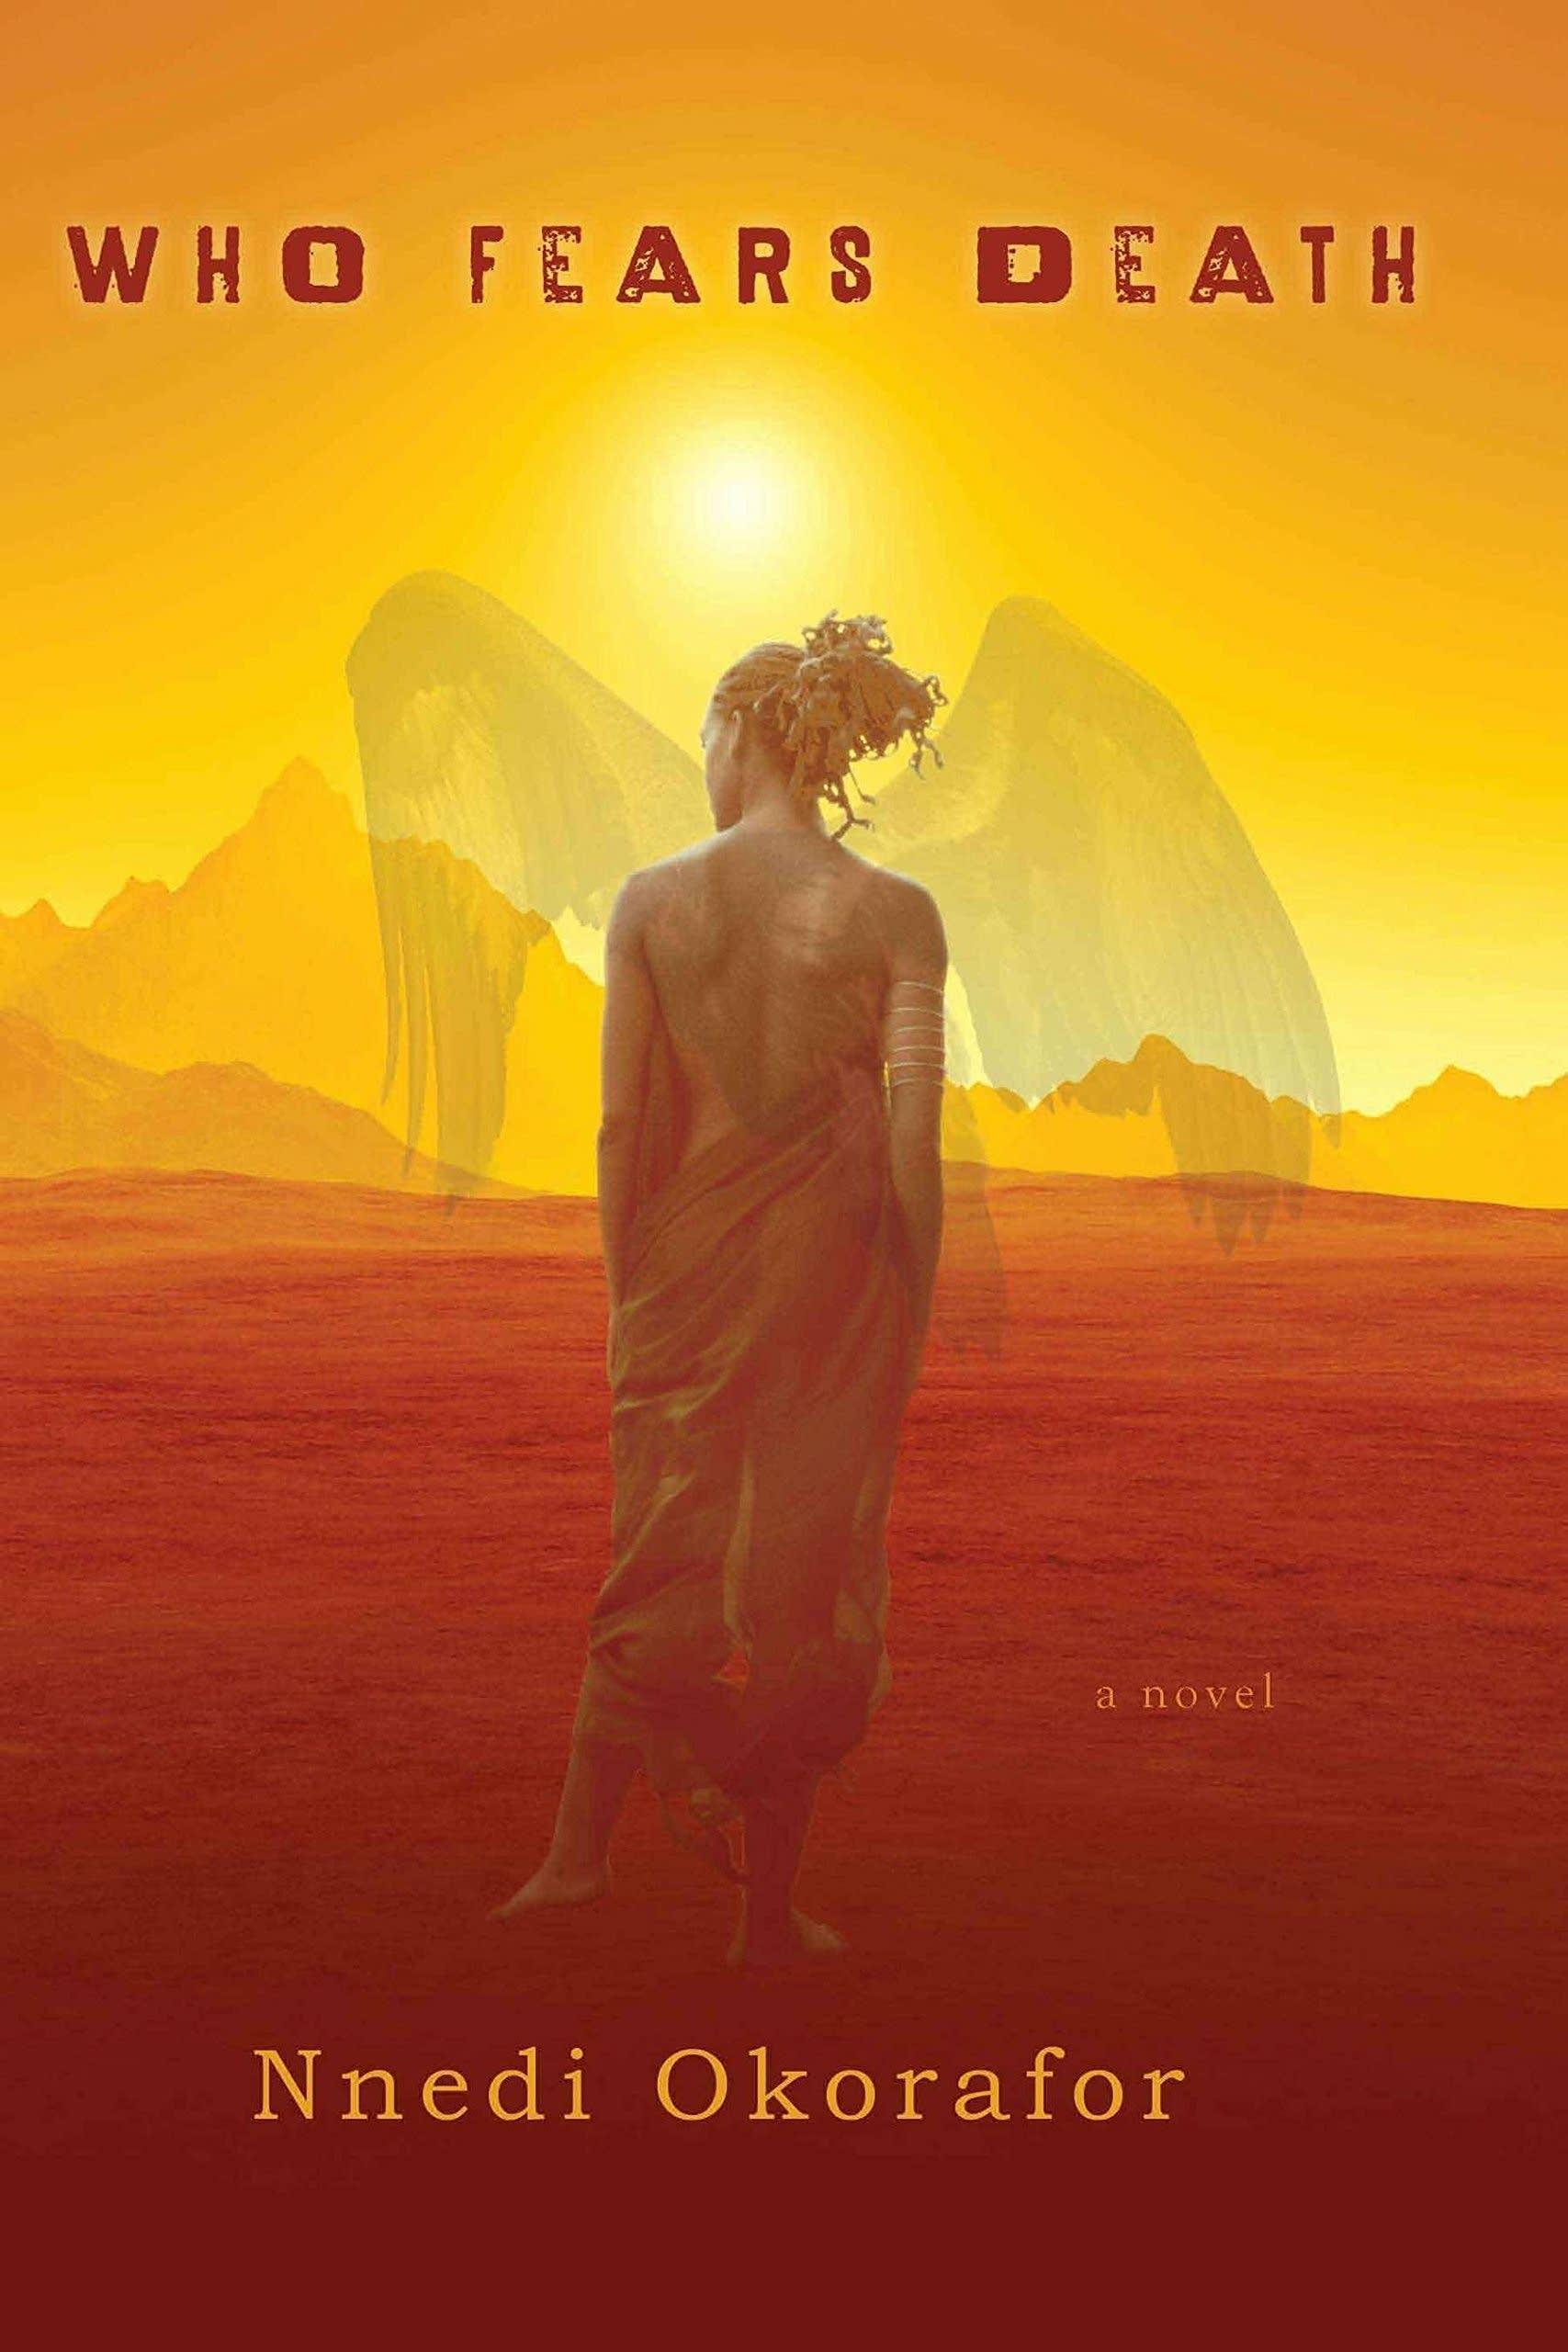 'Who Fears Death' by Nnedi Okorafor